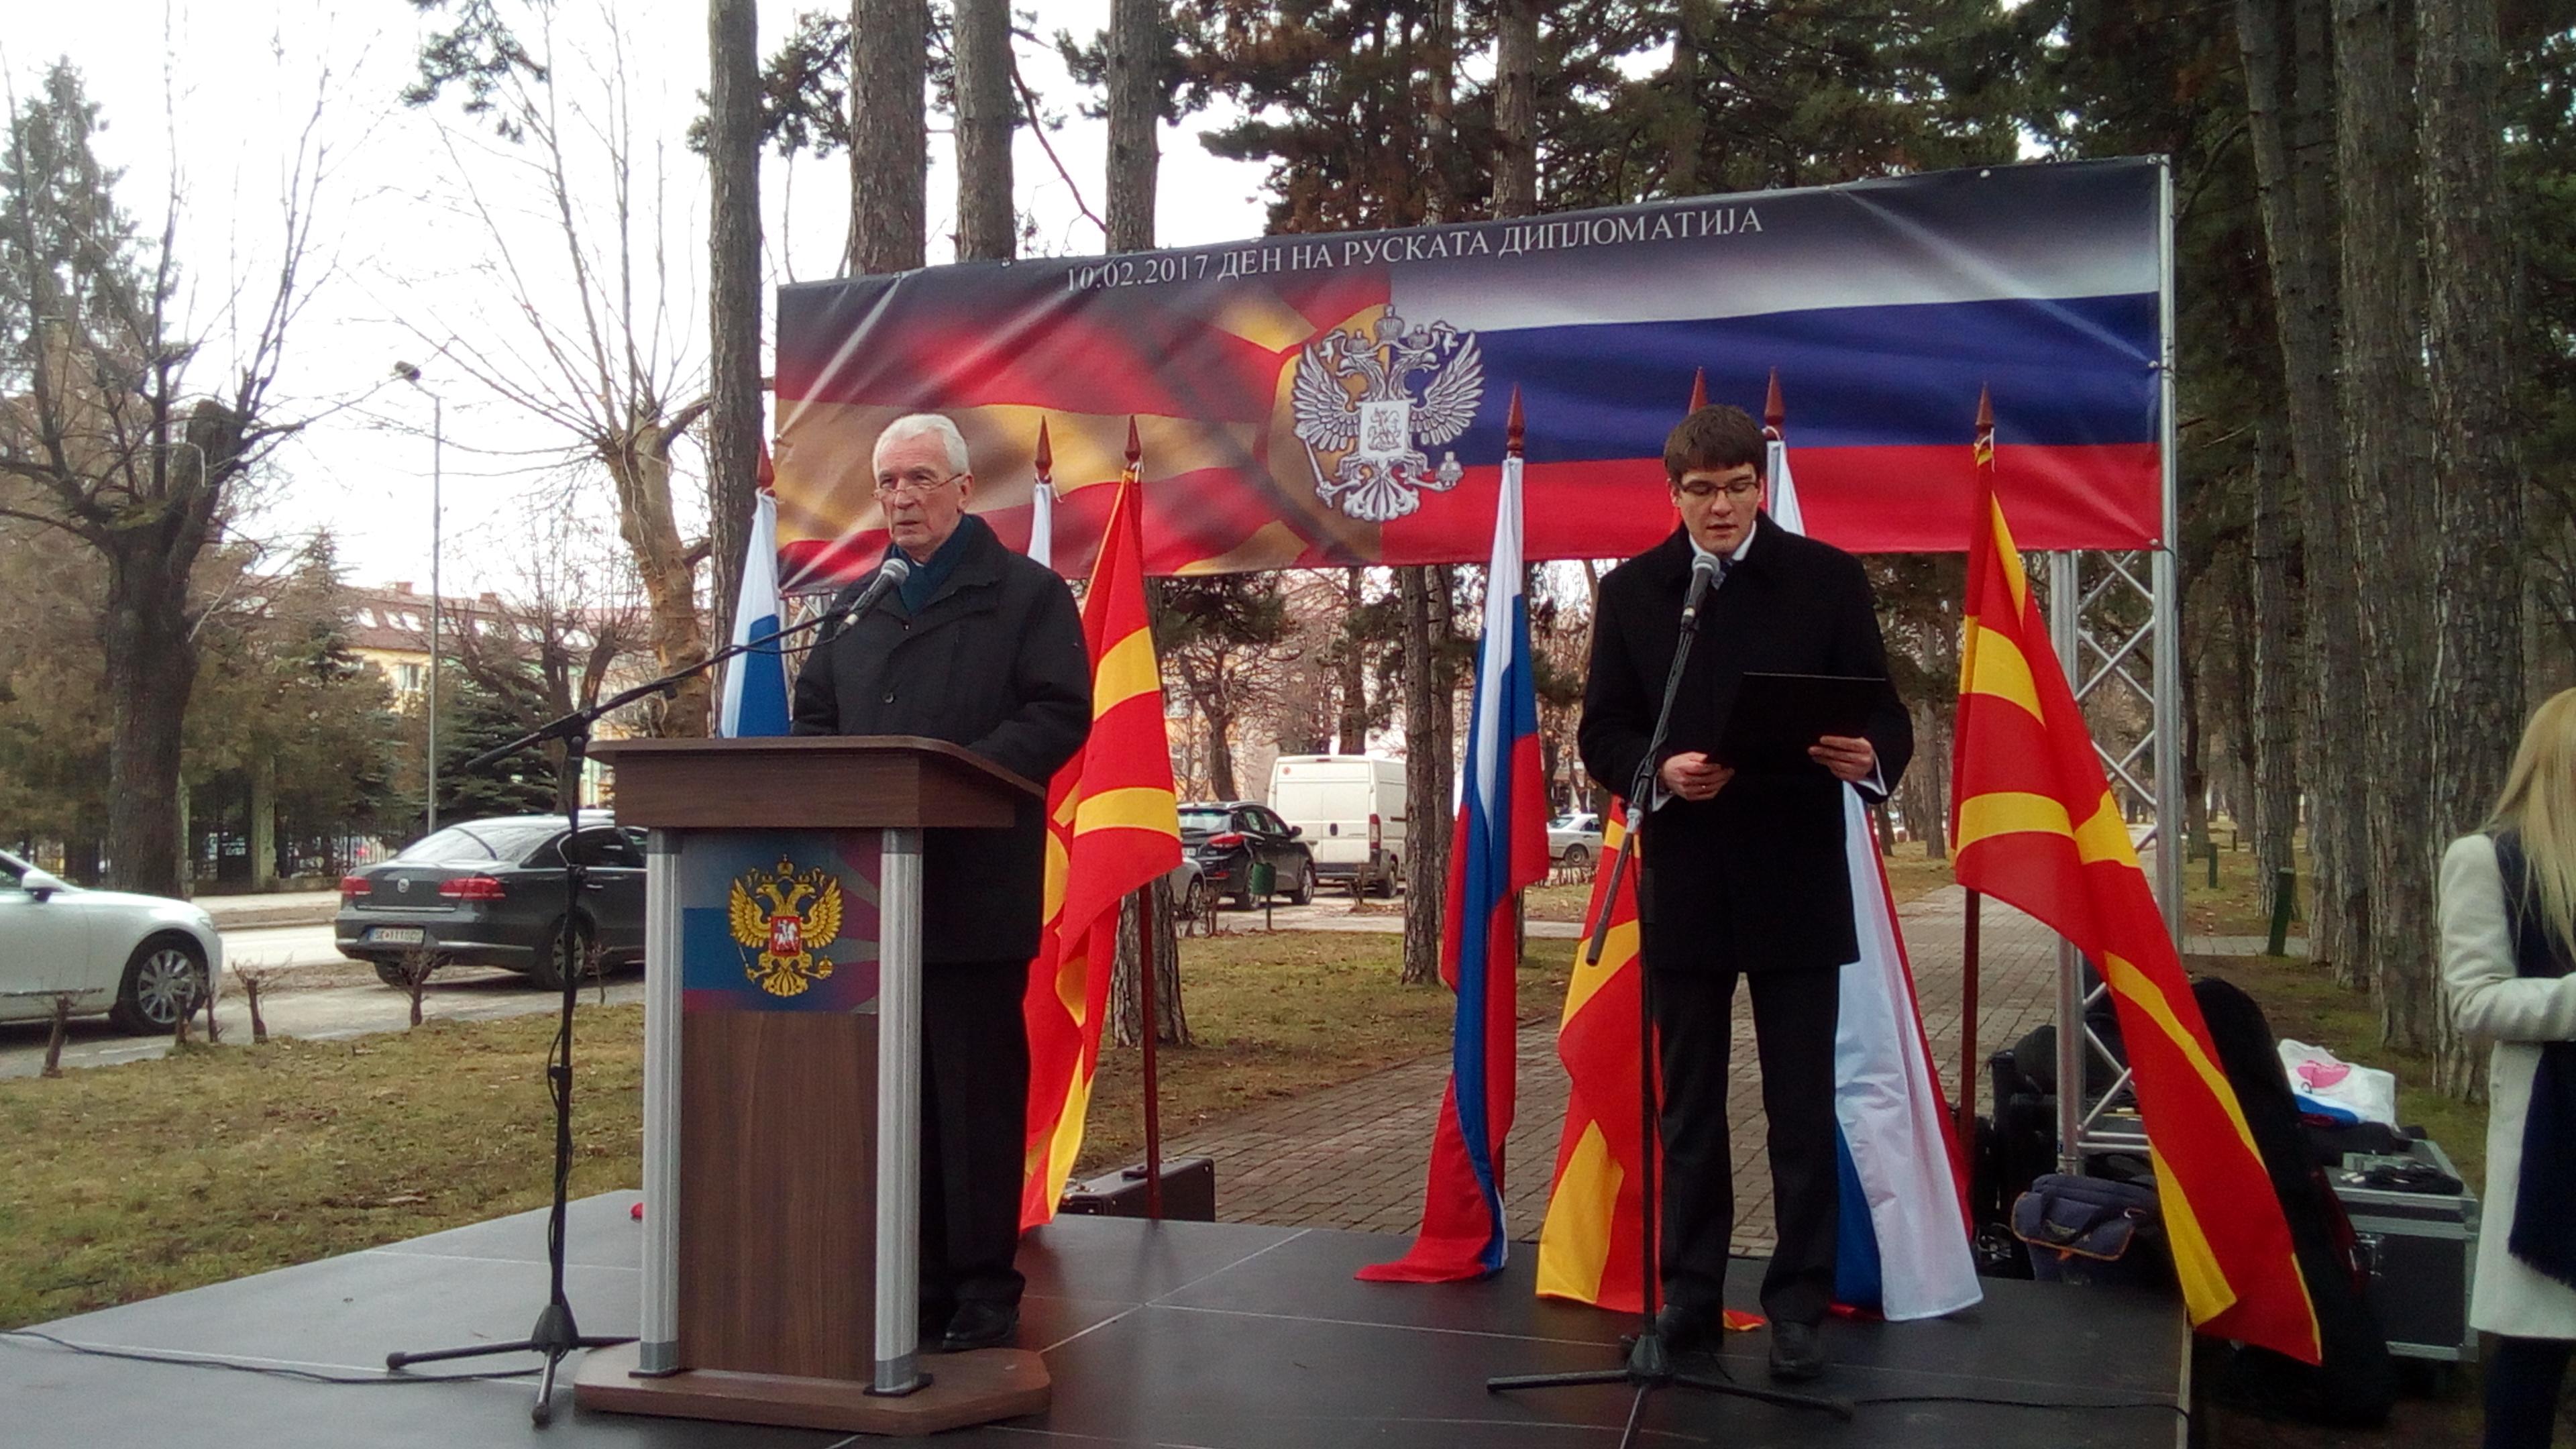 Амбасадорот на Руската Федерација во Република Македонија О.Н Шчербак на одбележувањето на Денот на дипломатите. 10 февруари 2017, Битола.